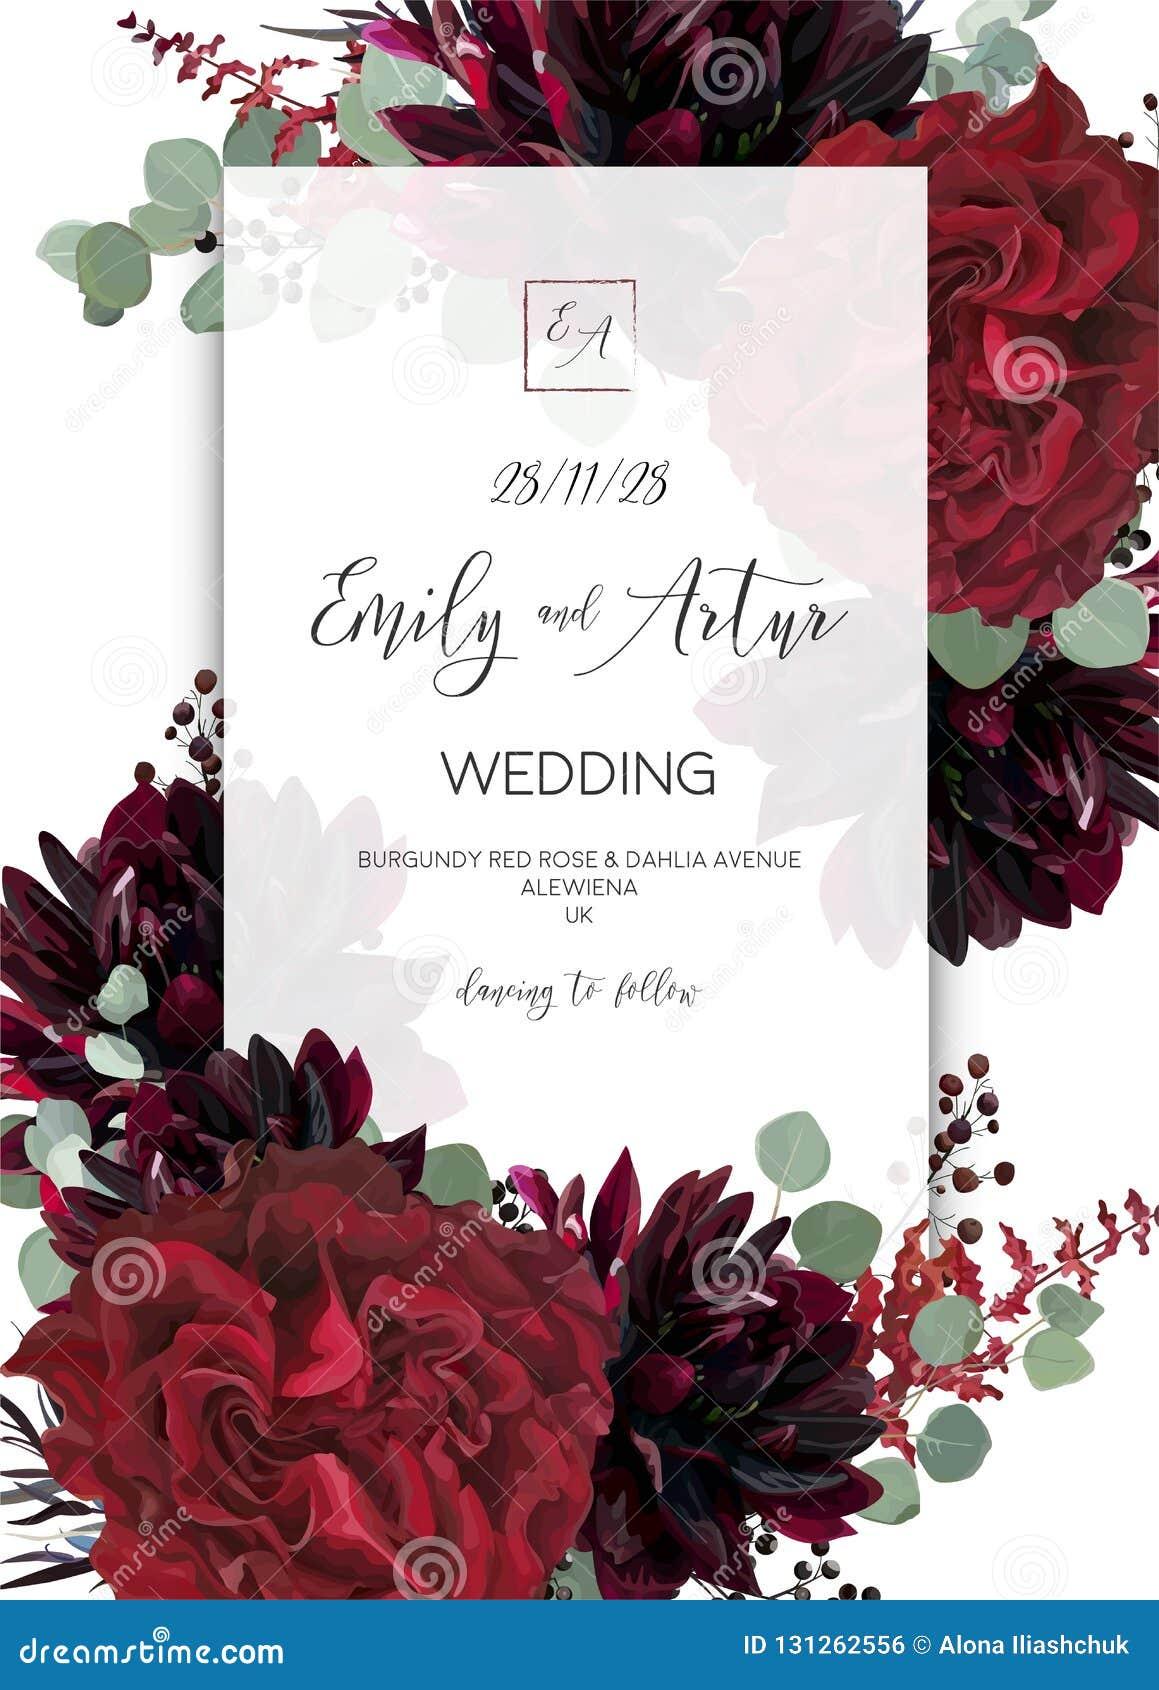 Le nozze invitano, invito salvo la progettazione di carta della data Marsal rosso